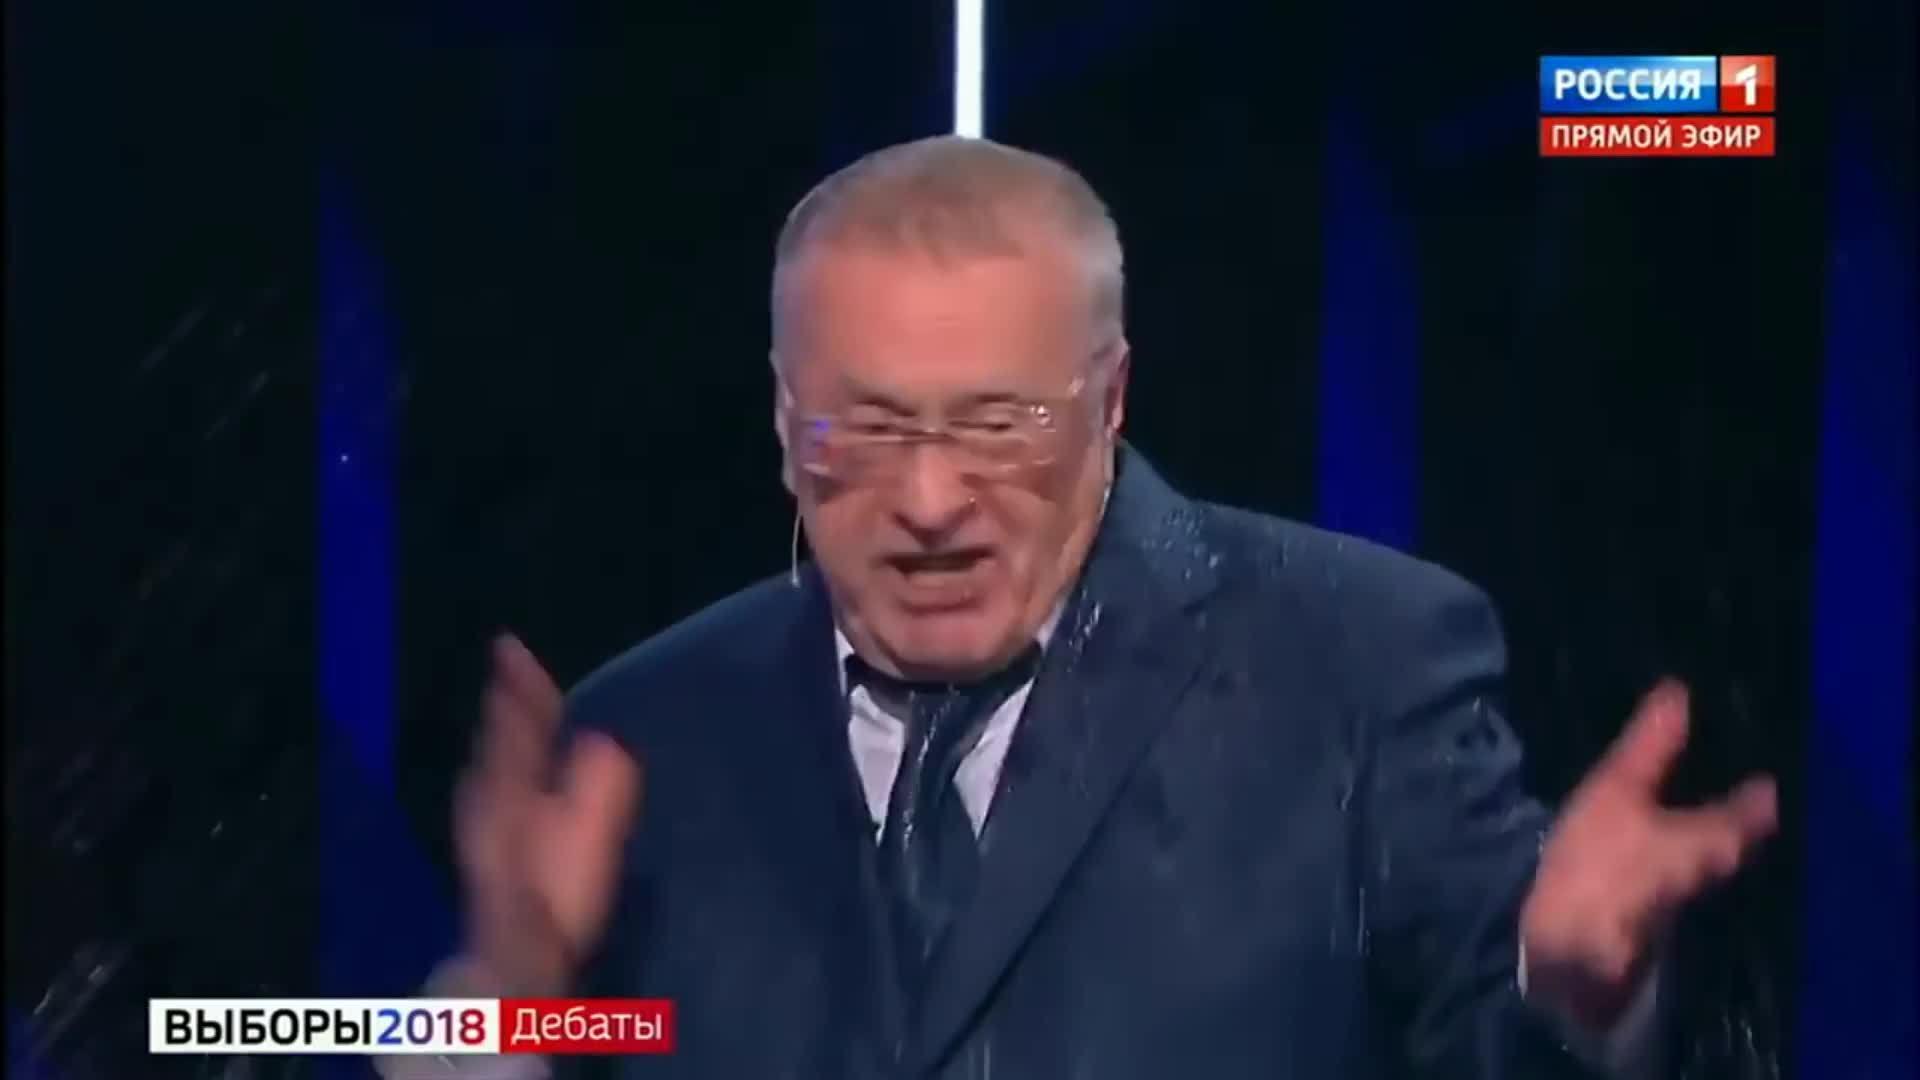 Nữ ứng viên tổng thống Nga hất nước vào mặt đối thủ trên truyền hình